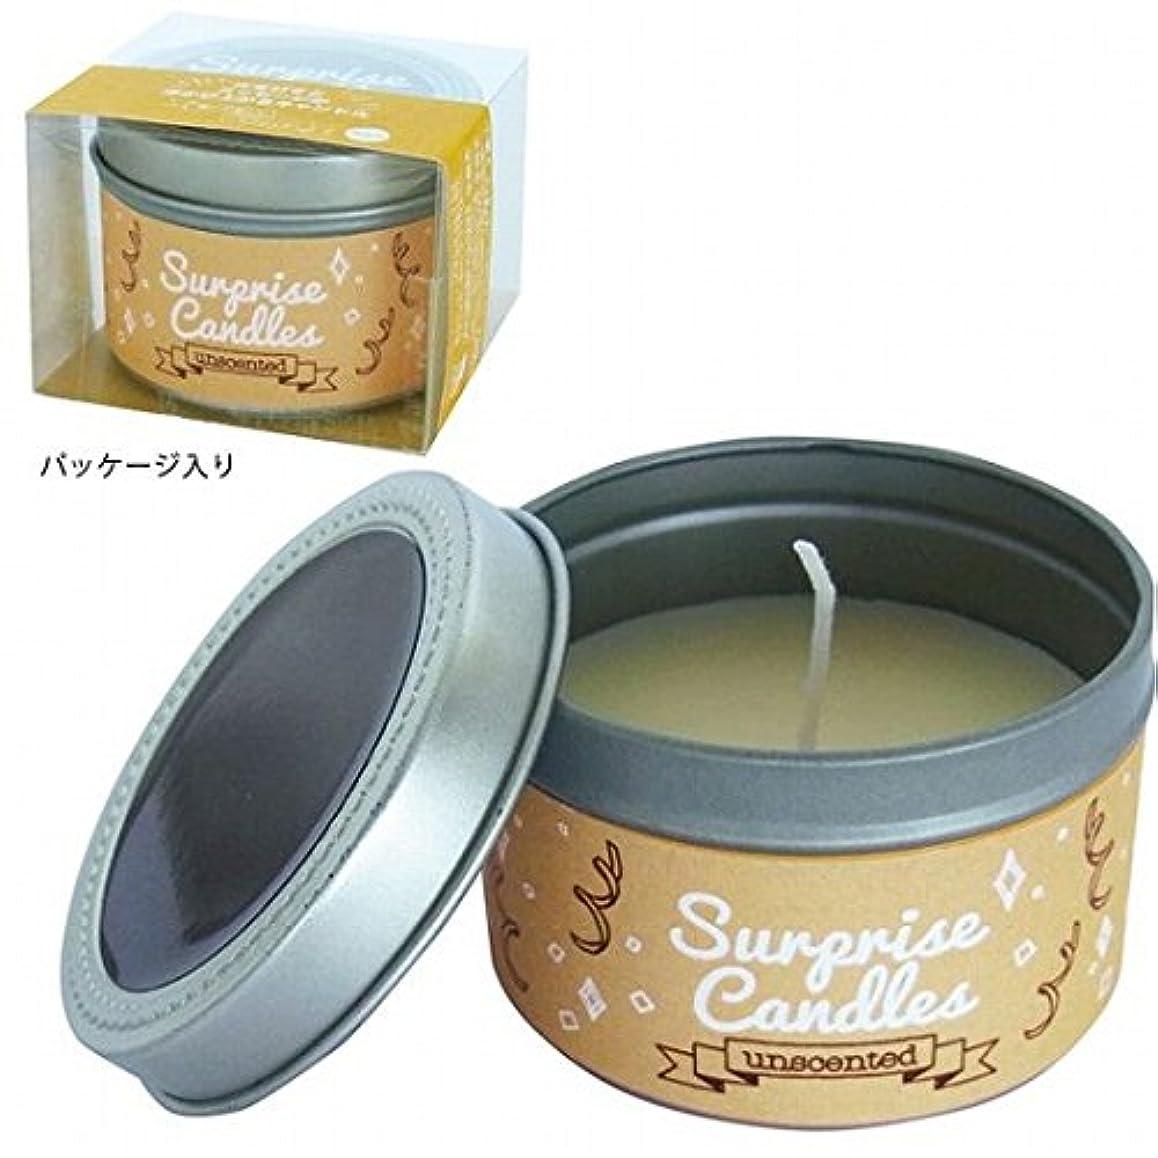 ドック土器びんkameyama candle(カメヤマキャンドル) サプライズキャンドル 「無香」(A207005010)